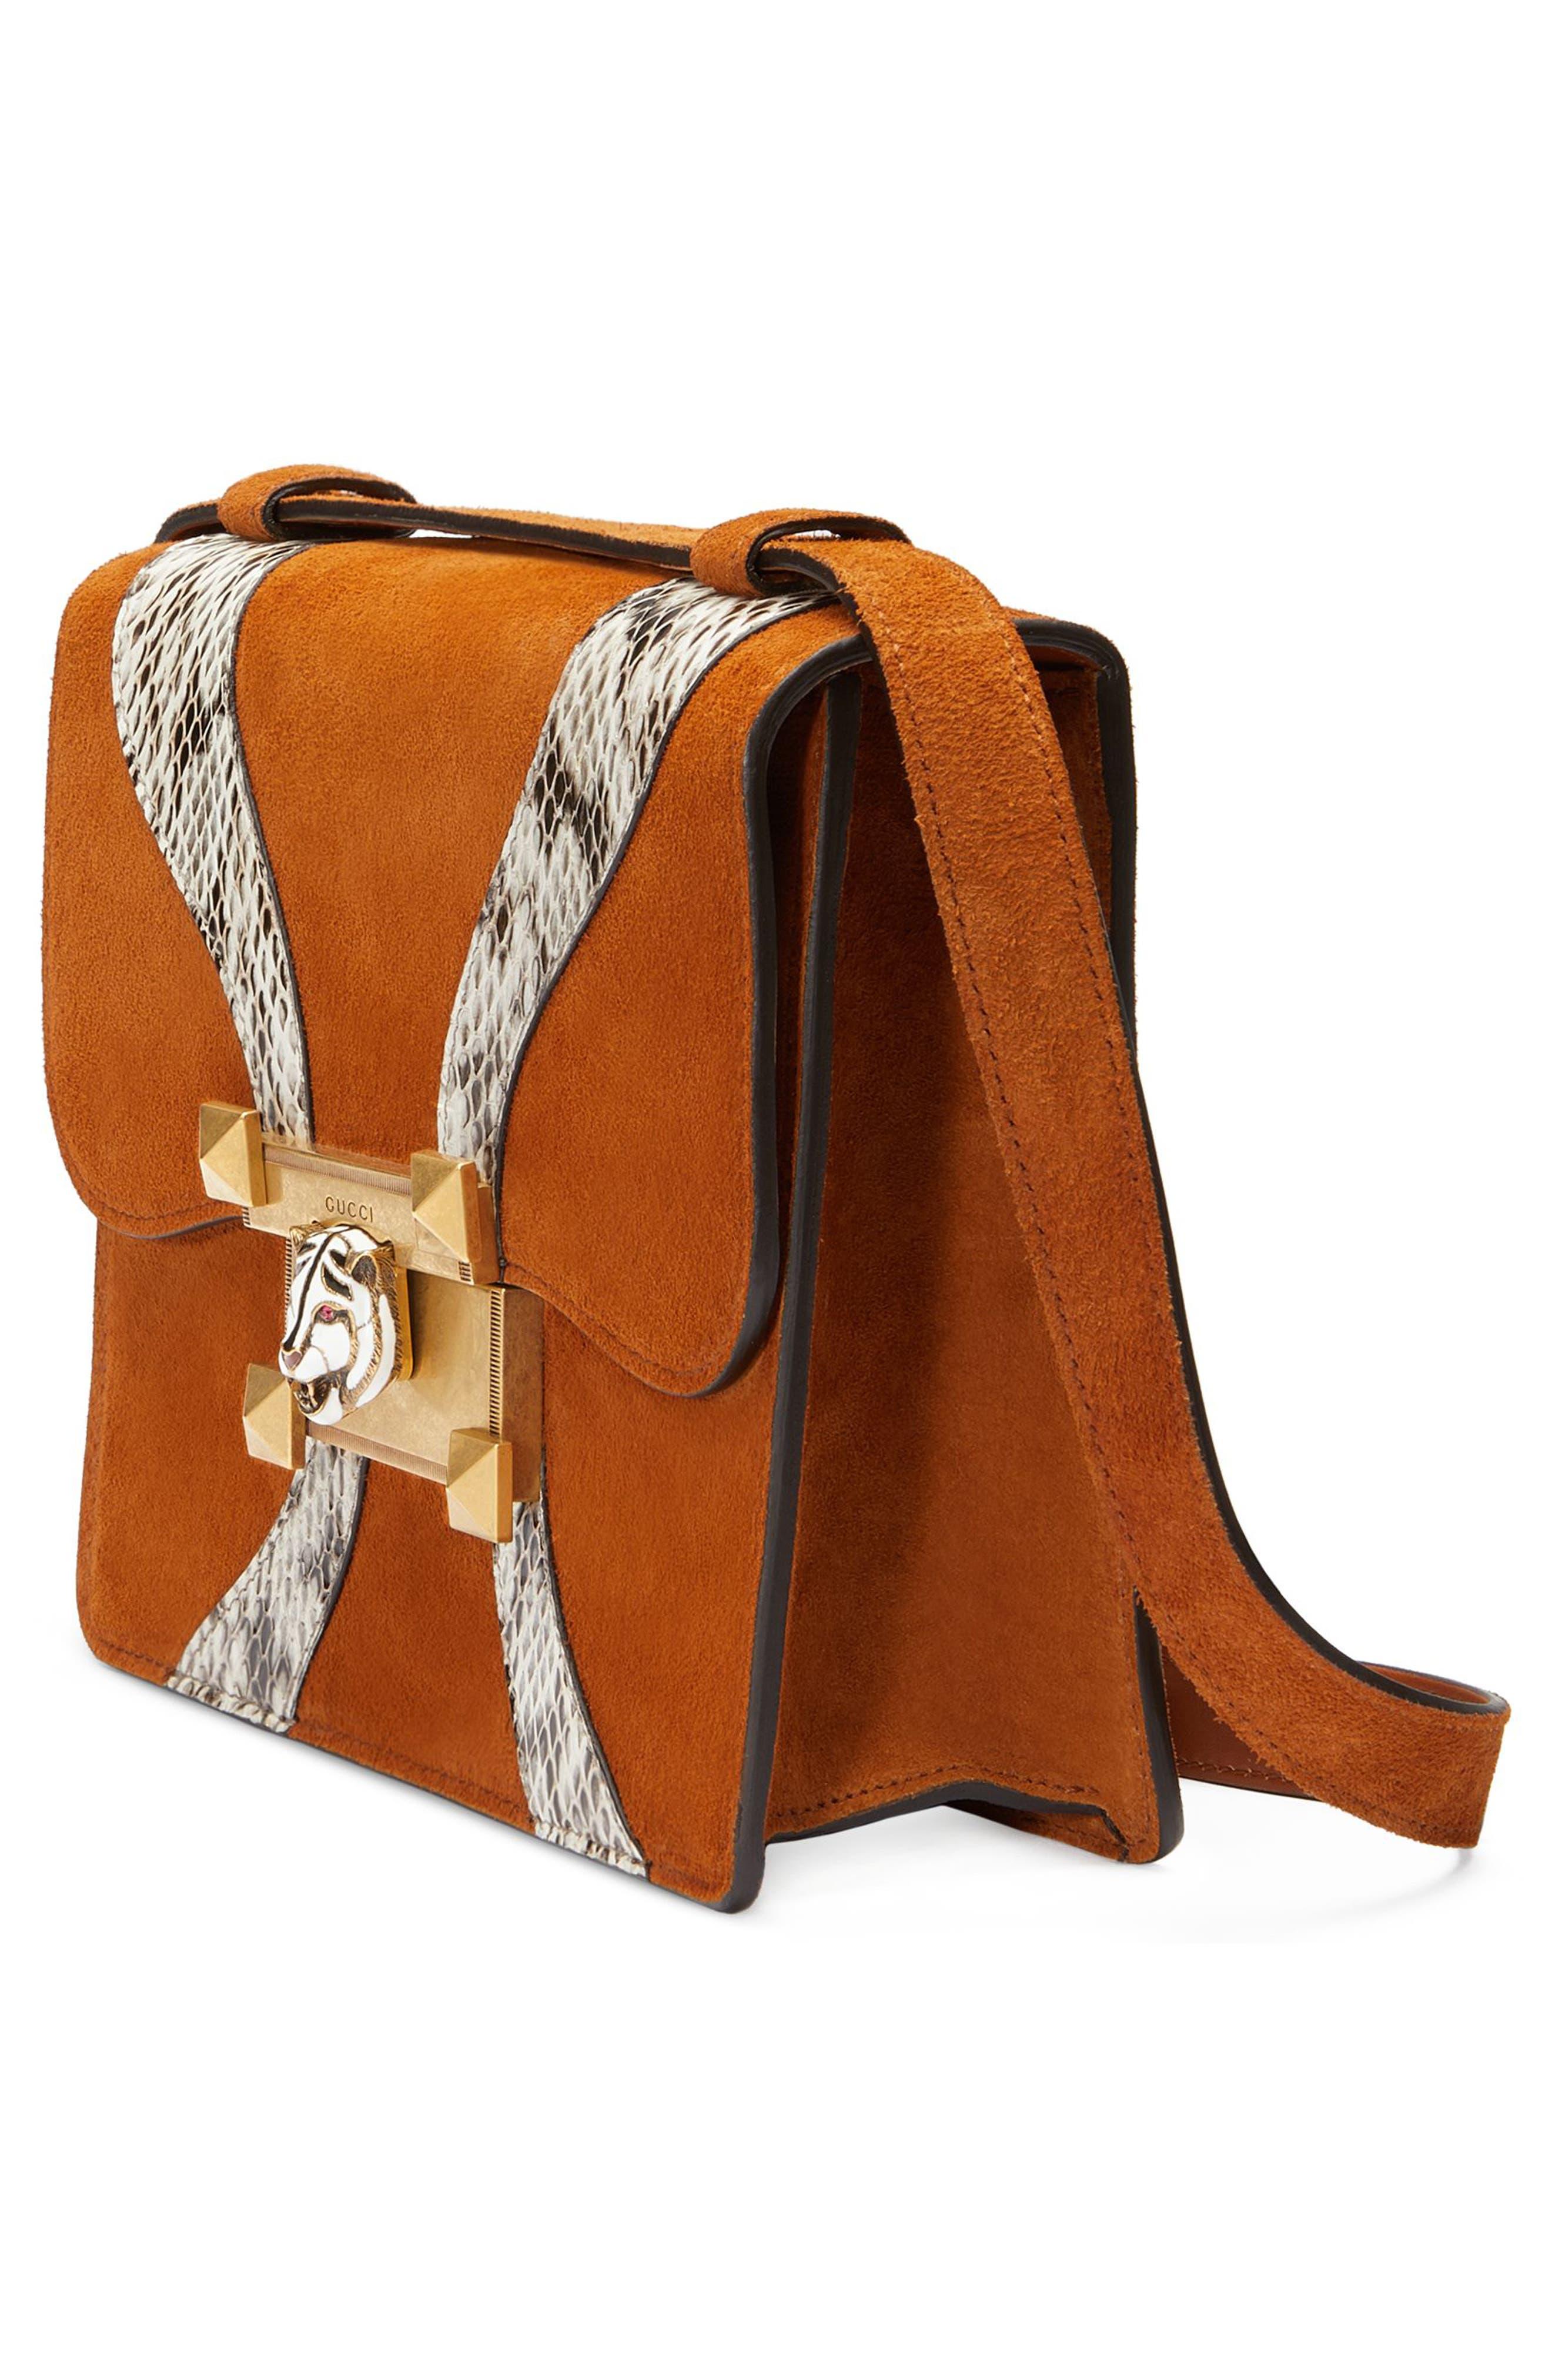 GUCCI,                             Osiride Suede & Genuine Snakeskin Shoulder Bag,                             Alternate thumbnail 4, color,                             209